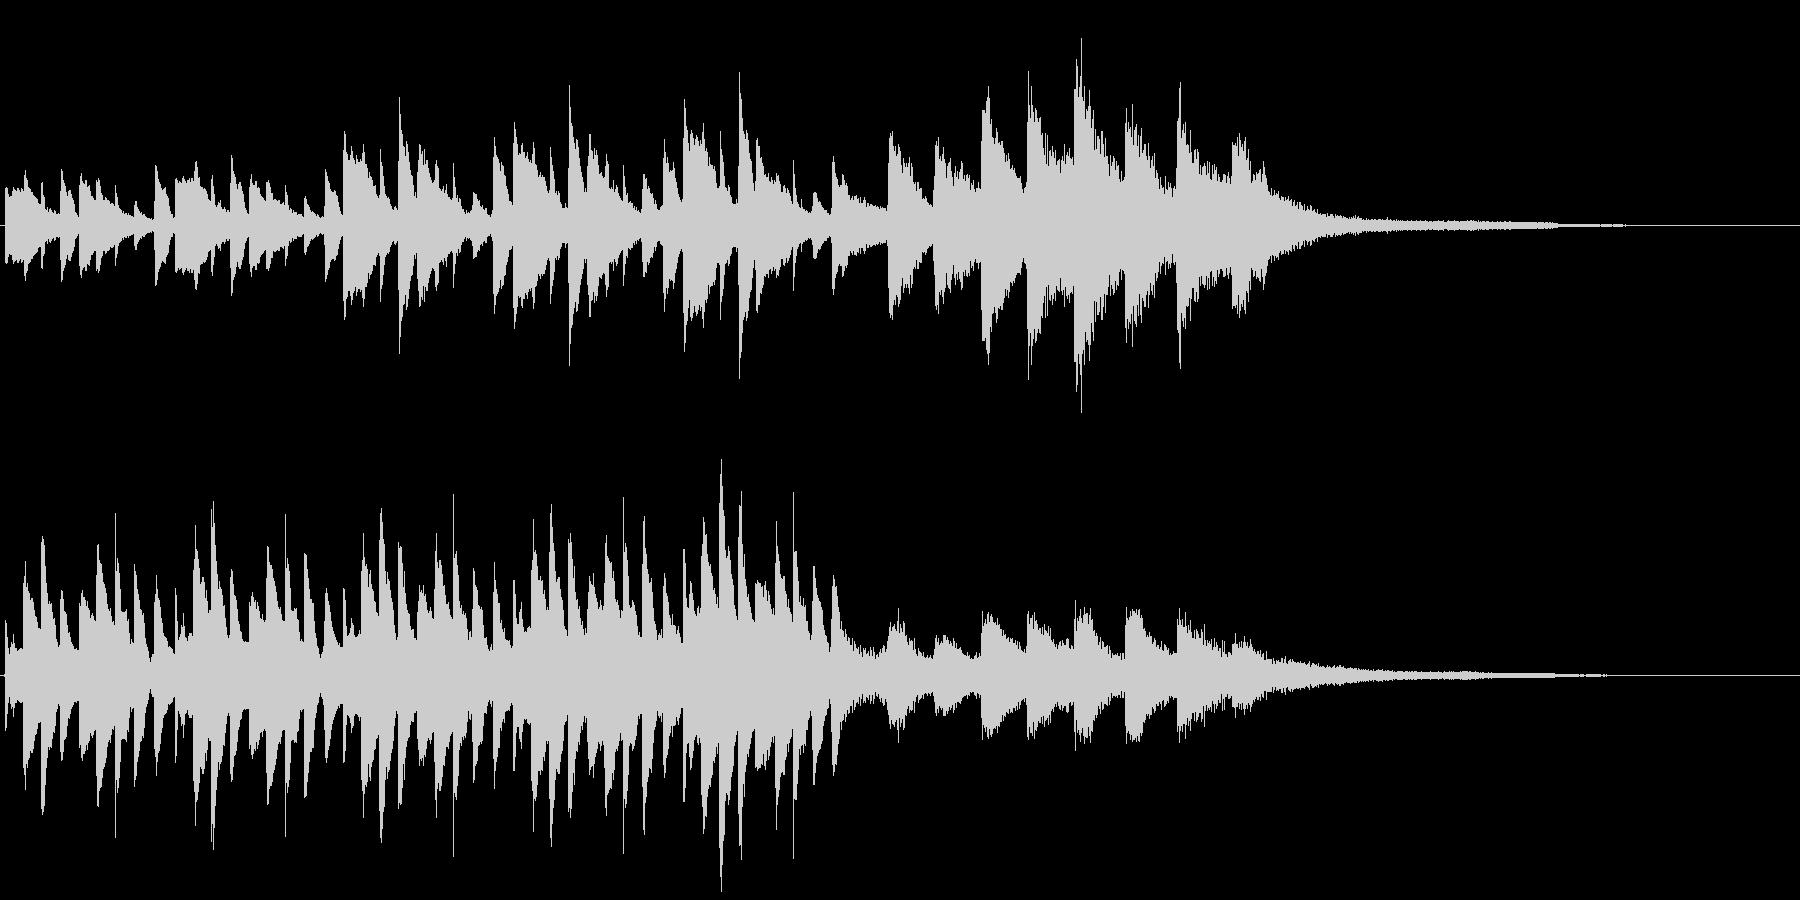 雨をイメージしたピアノの短いフレーズの未再生の波形